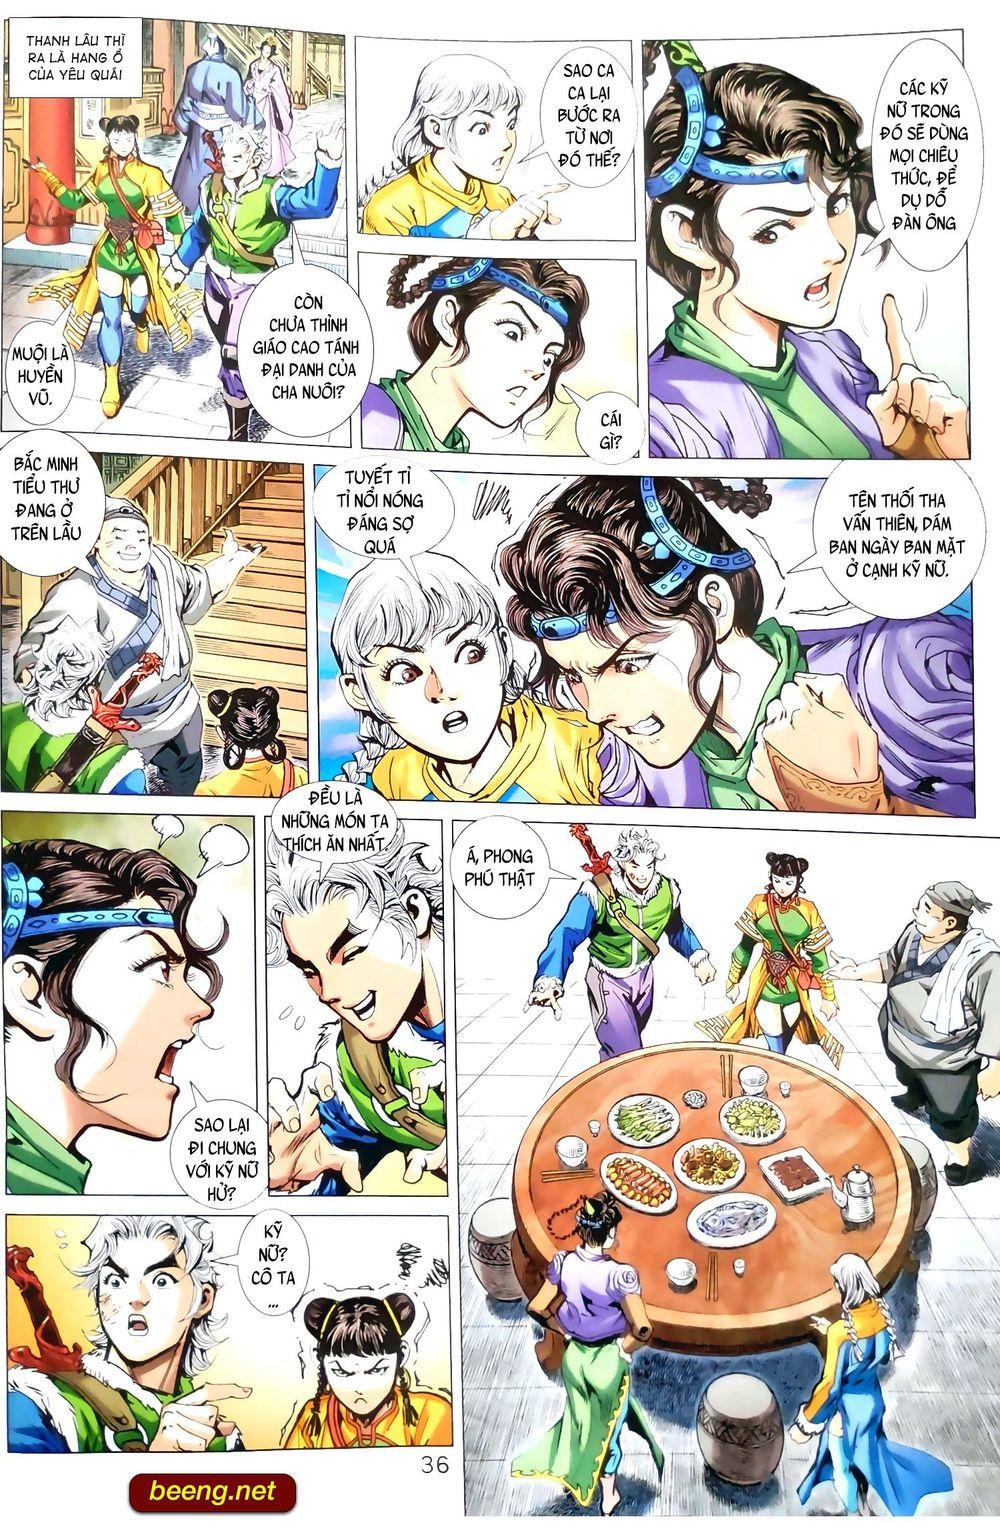 Thiên Yêu Huyền Kỳ  Chapter 1 - upload bởi truyensieuhay.com